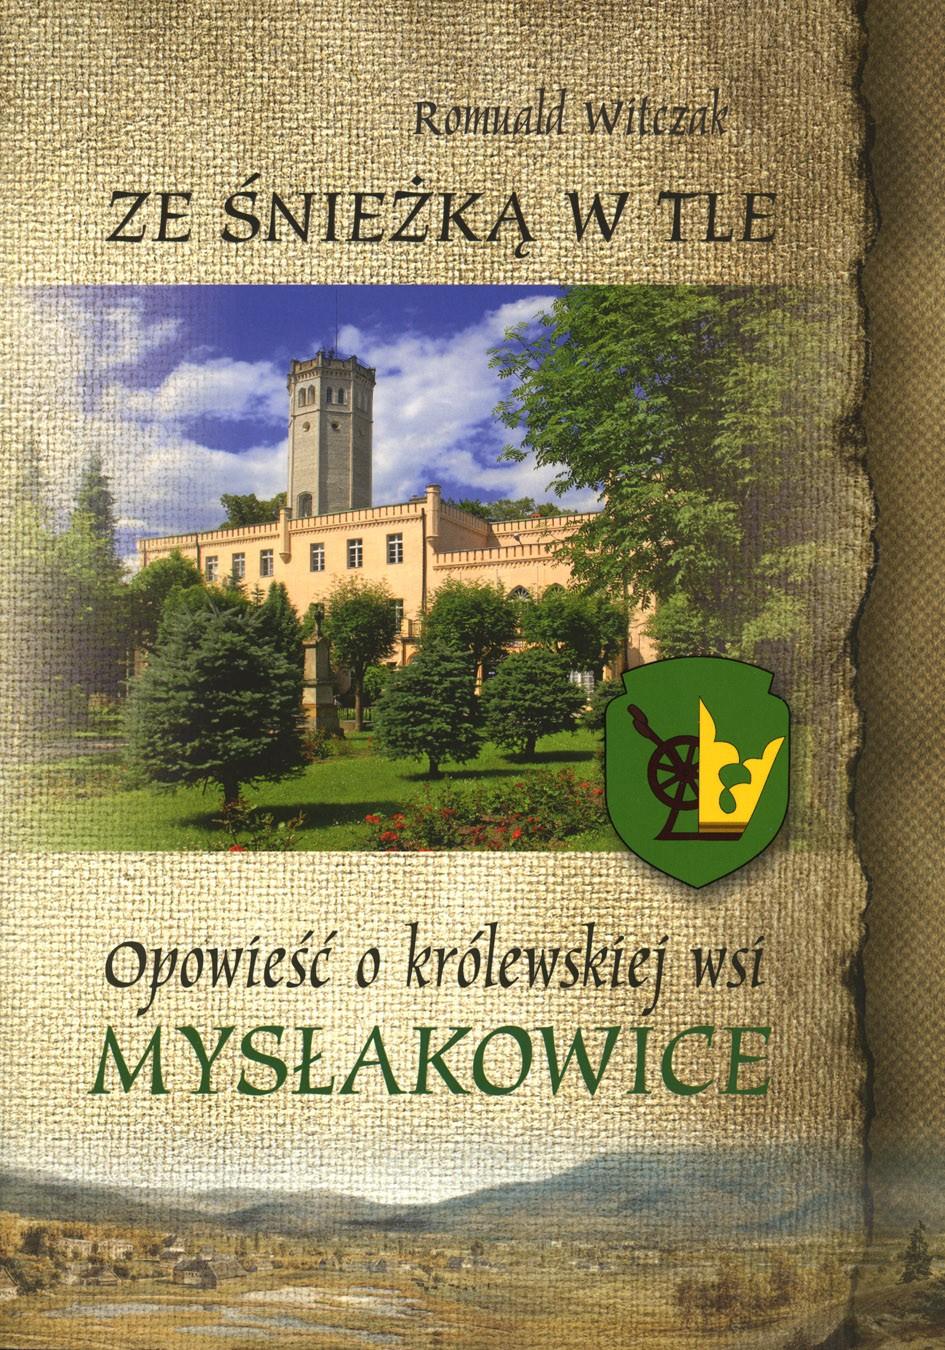 Ze Śnieżką w tle. Opowieść o królewskiej wsi Mysłakowice